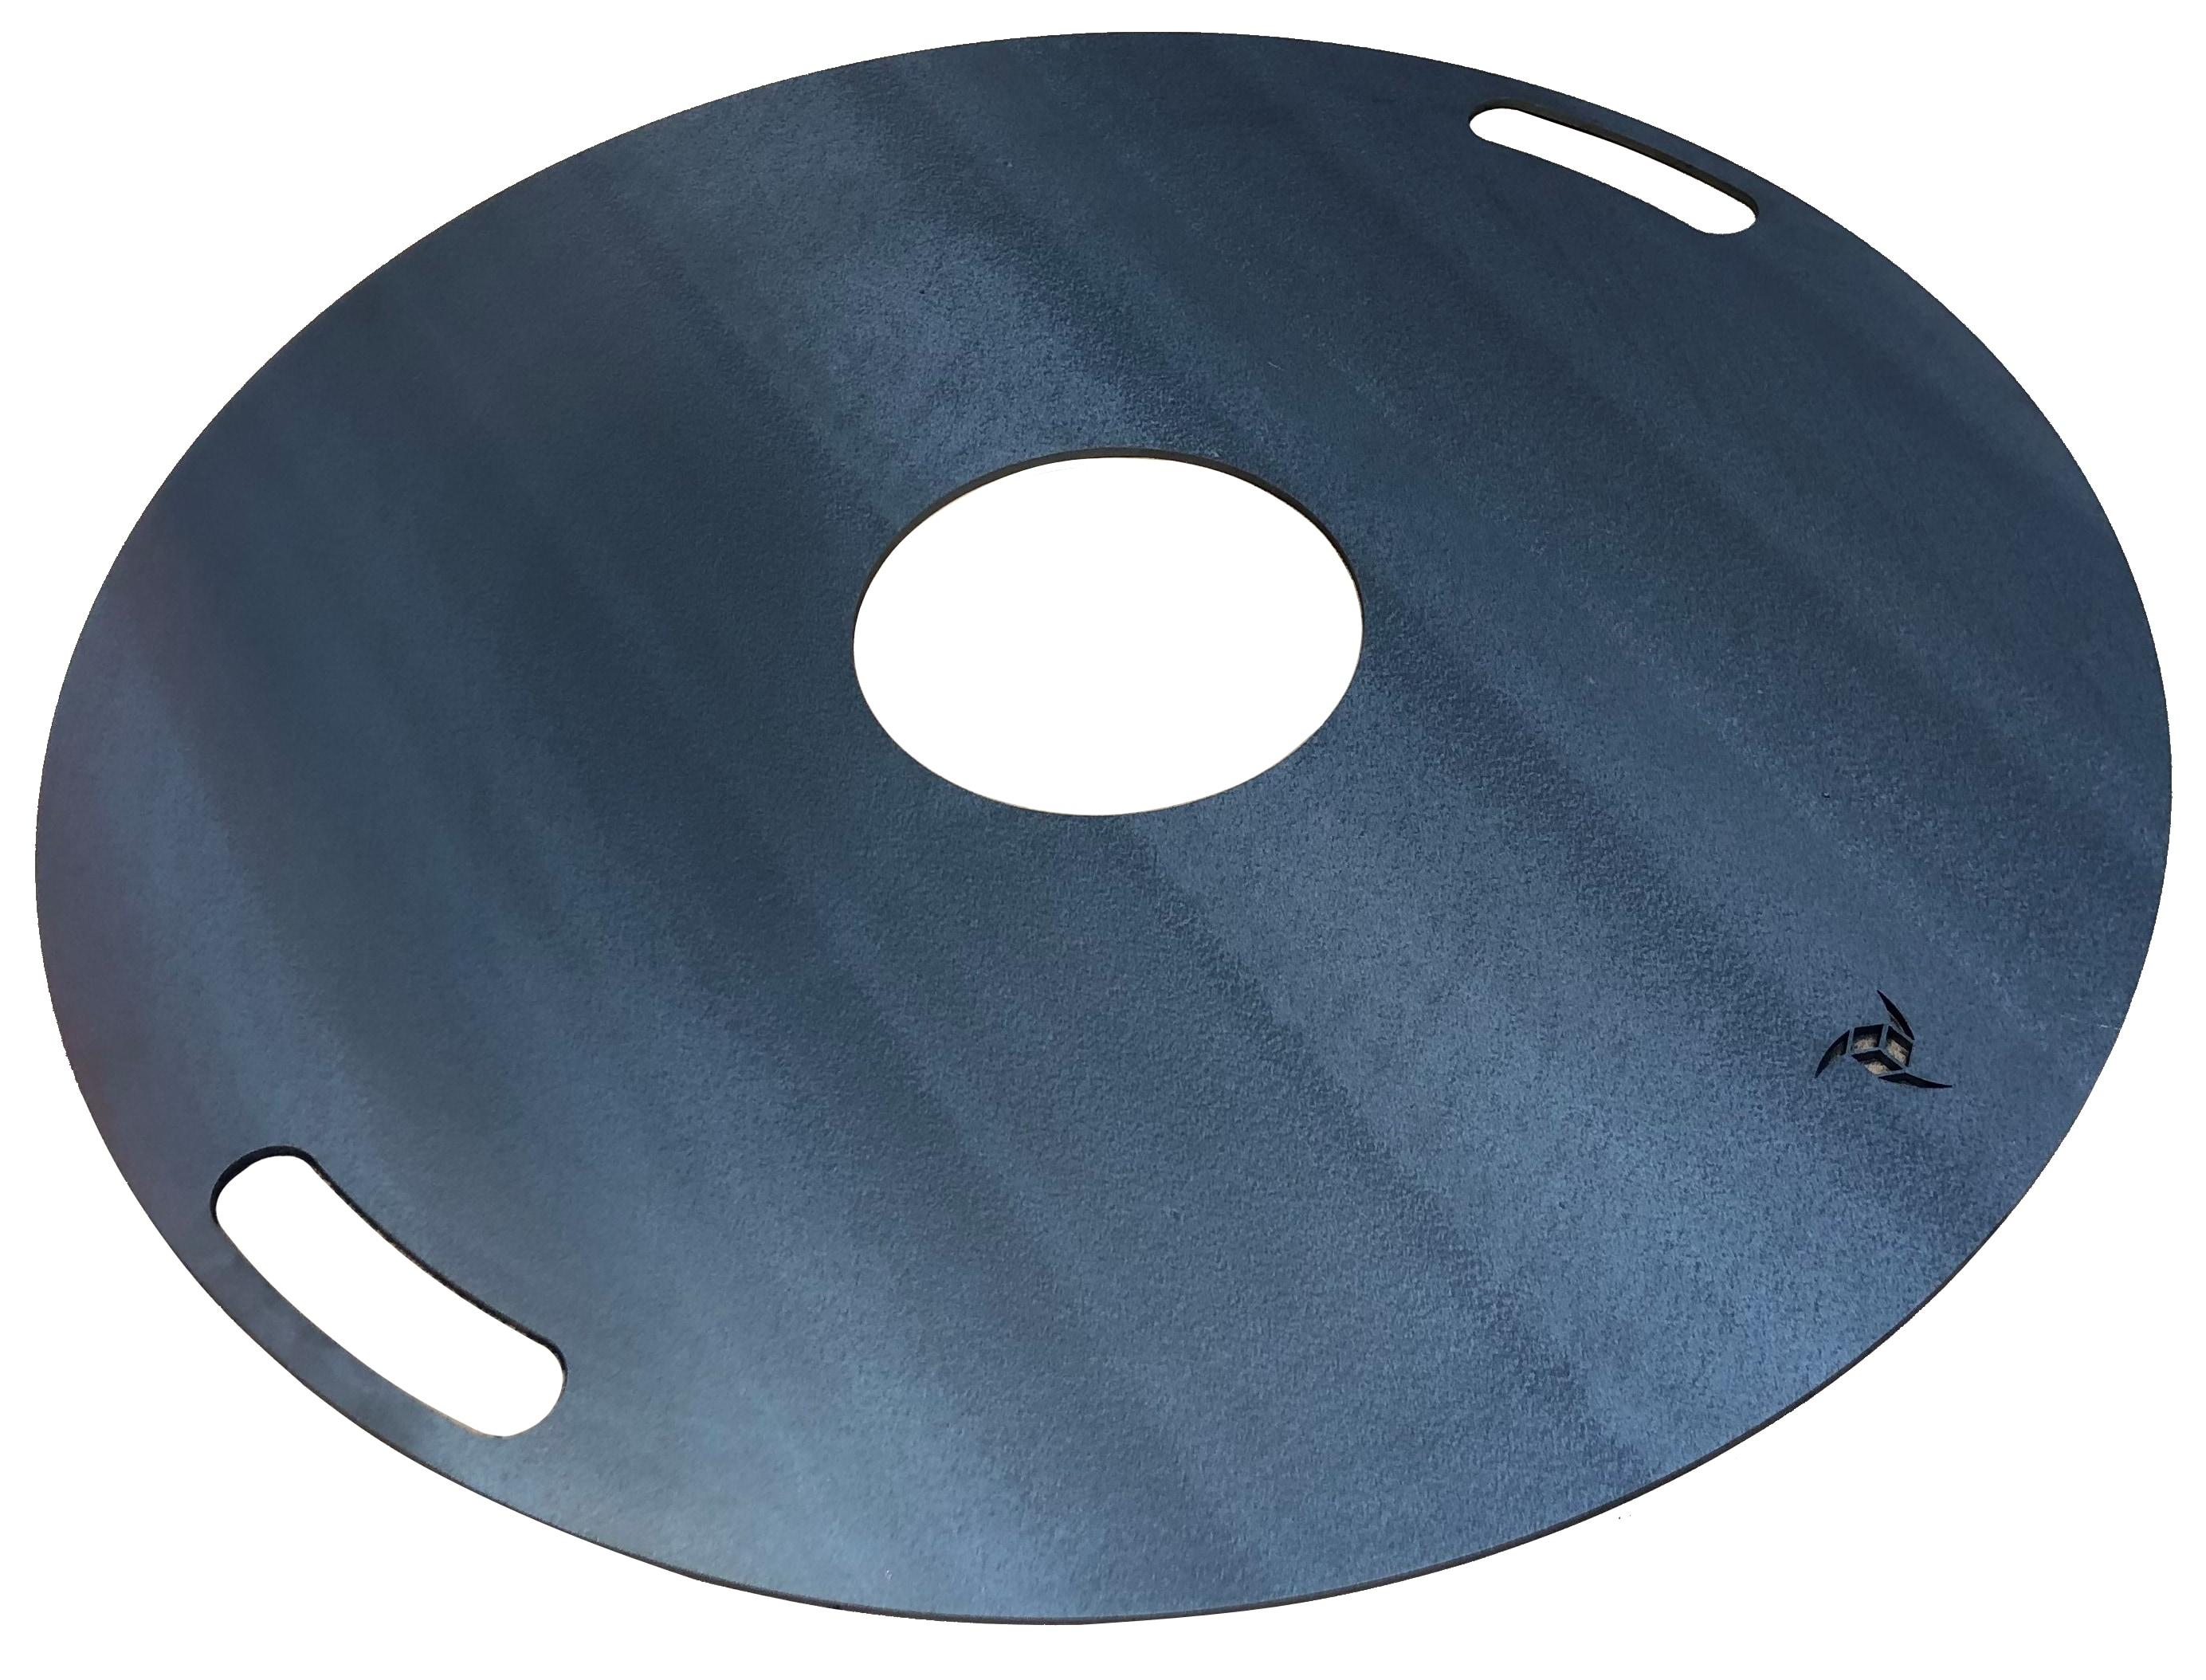 Feuerplatte / Plancha für Grilltonne. Ölfass und Feuerschale